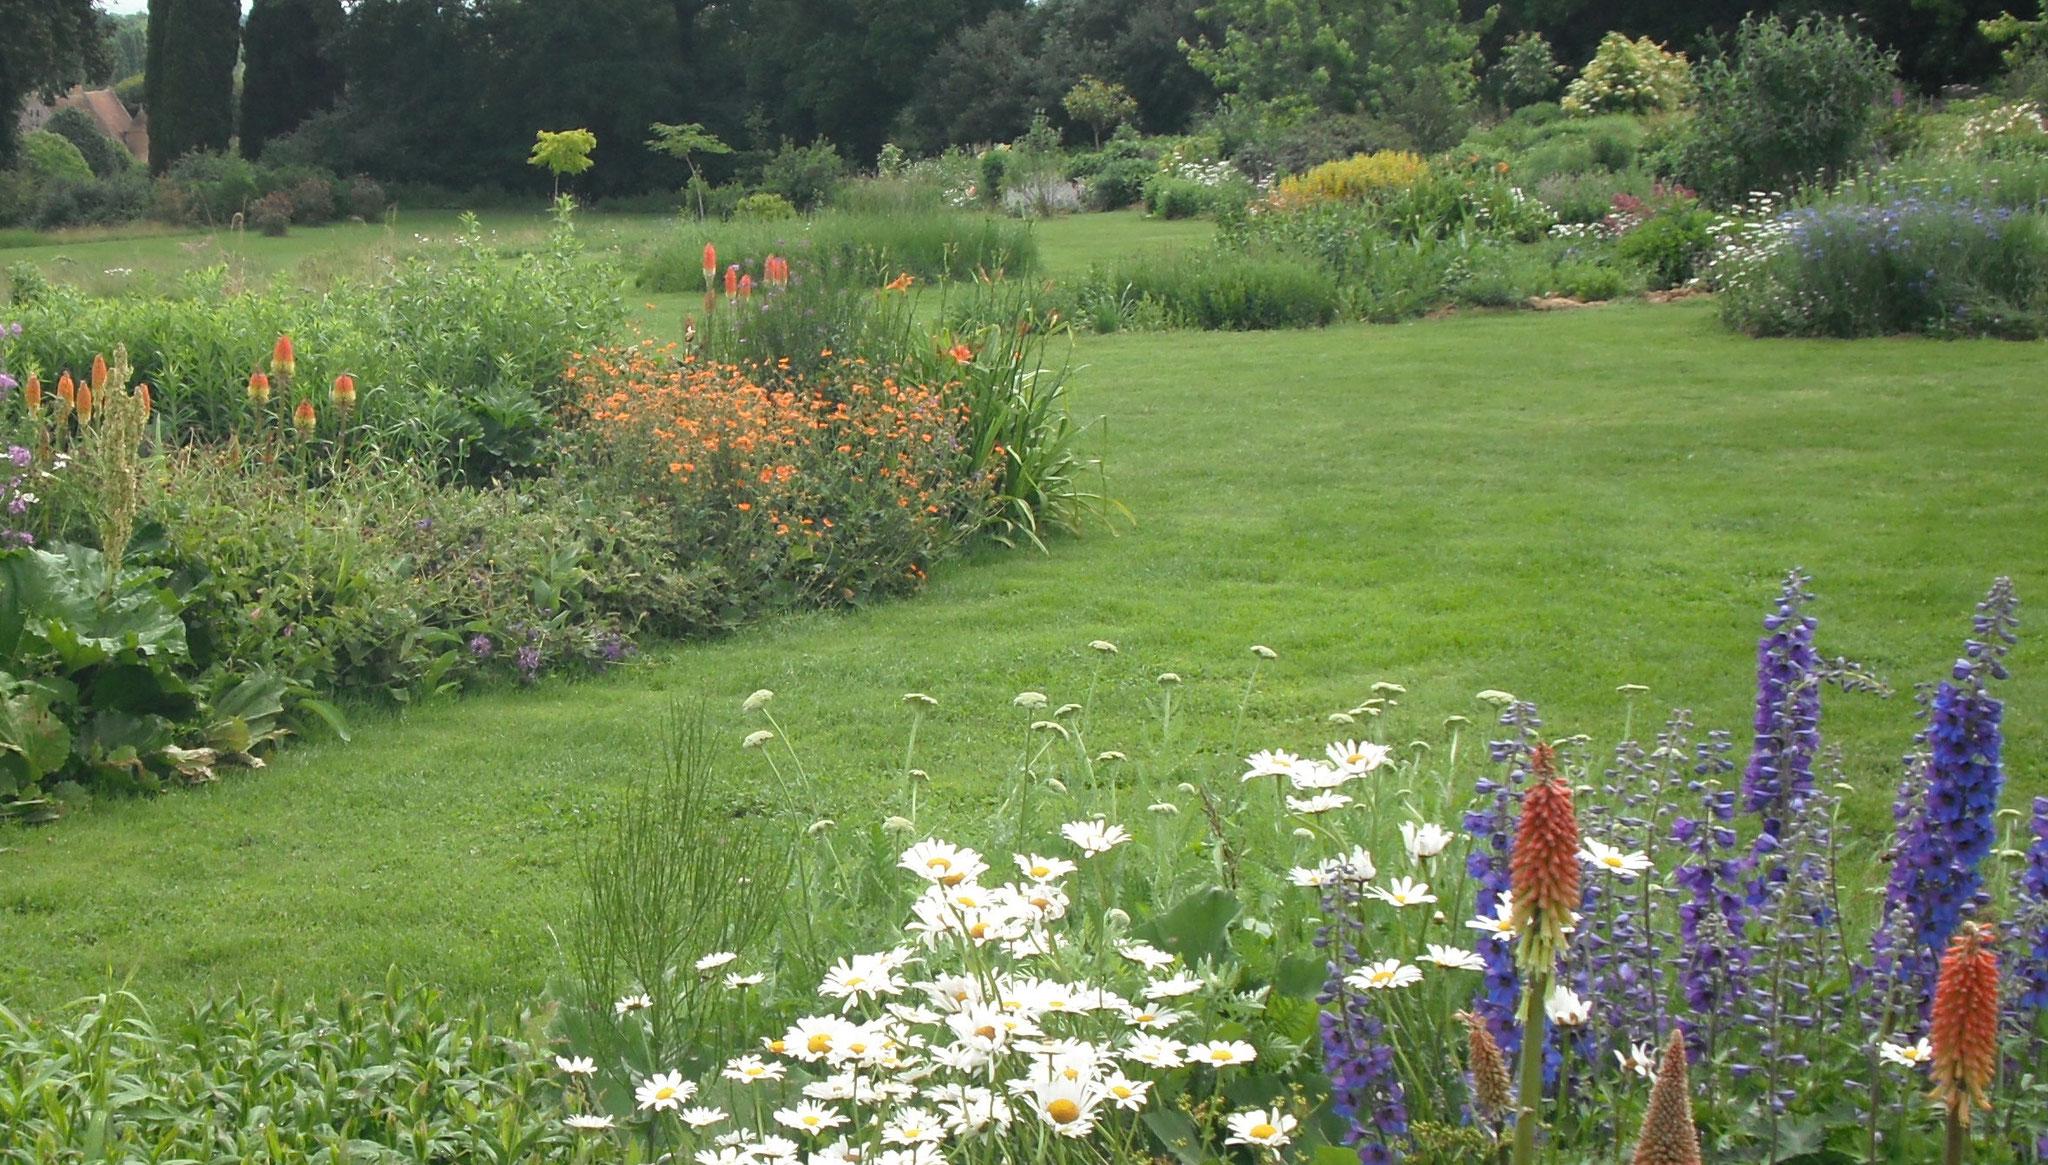 Jardin mosaique asni res sur v gre lejardinmosaique - Reglementation sur les feux de jardin ...